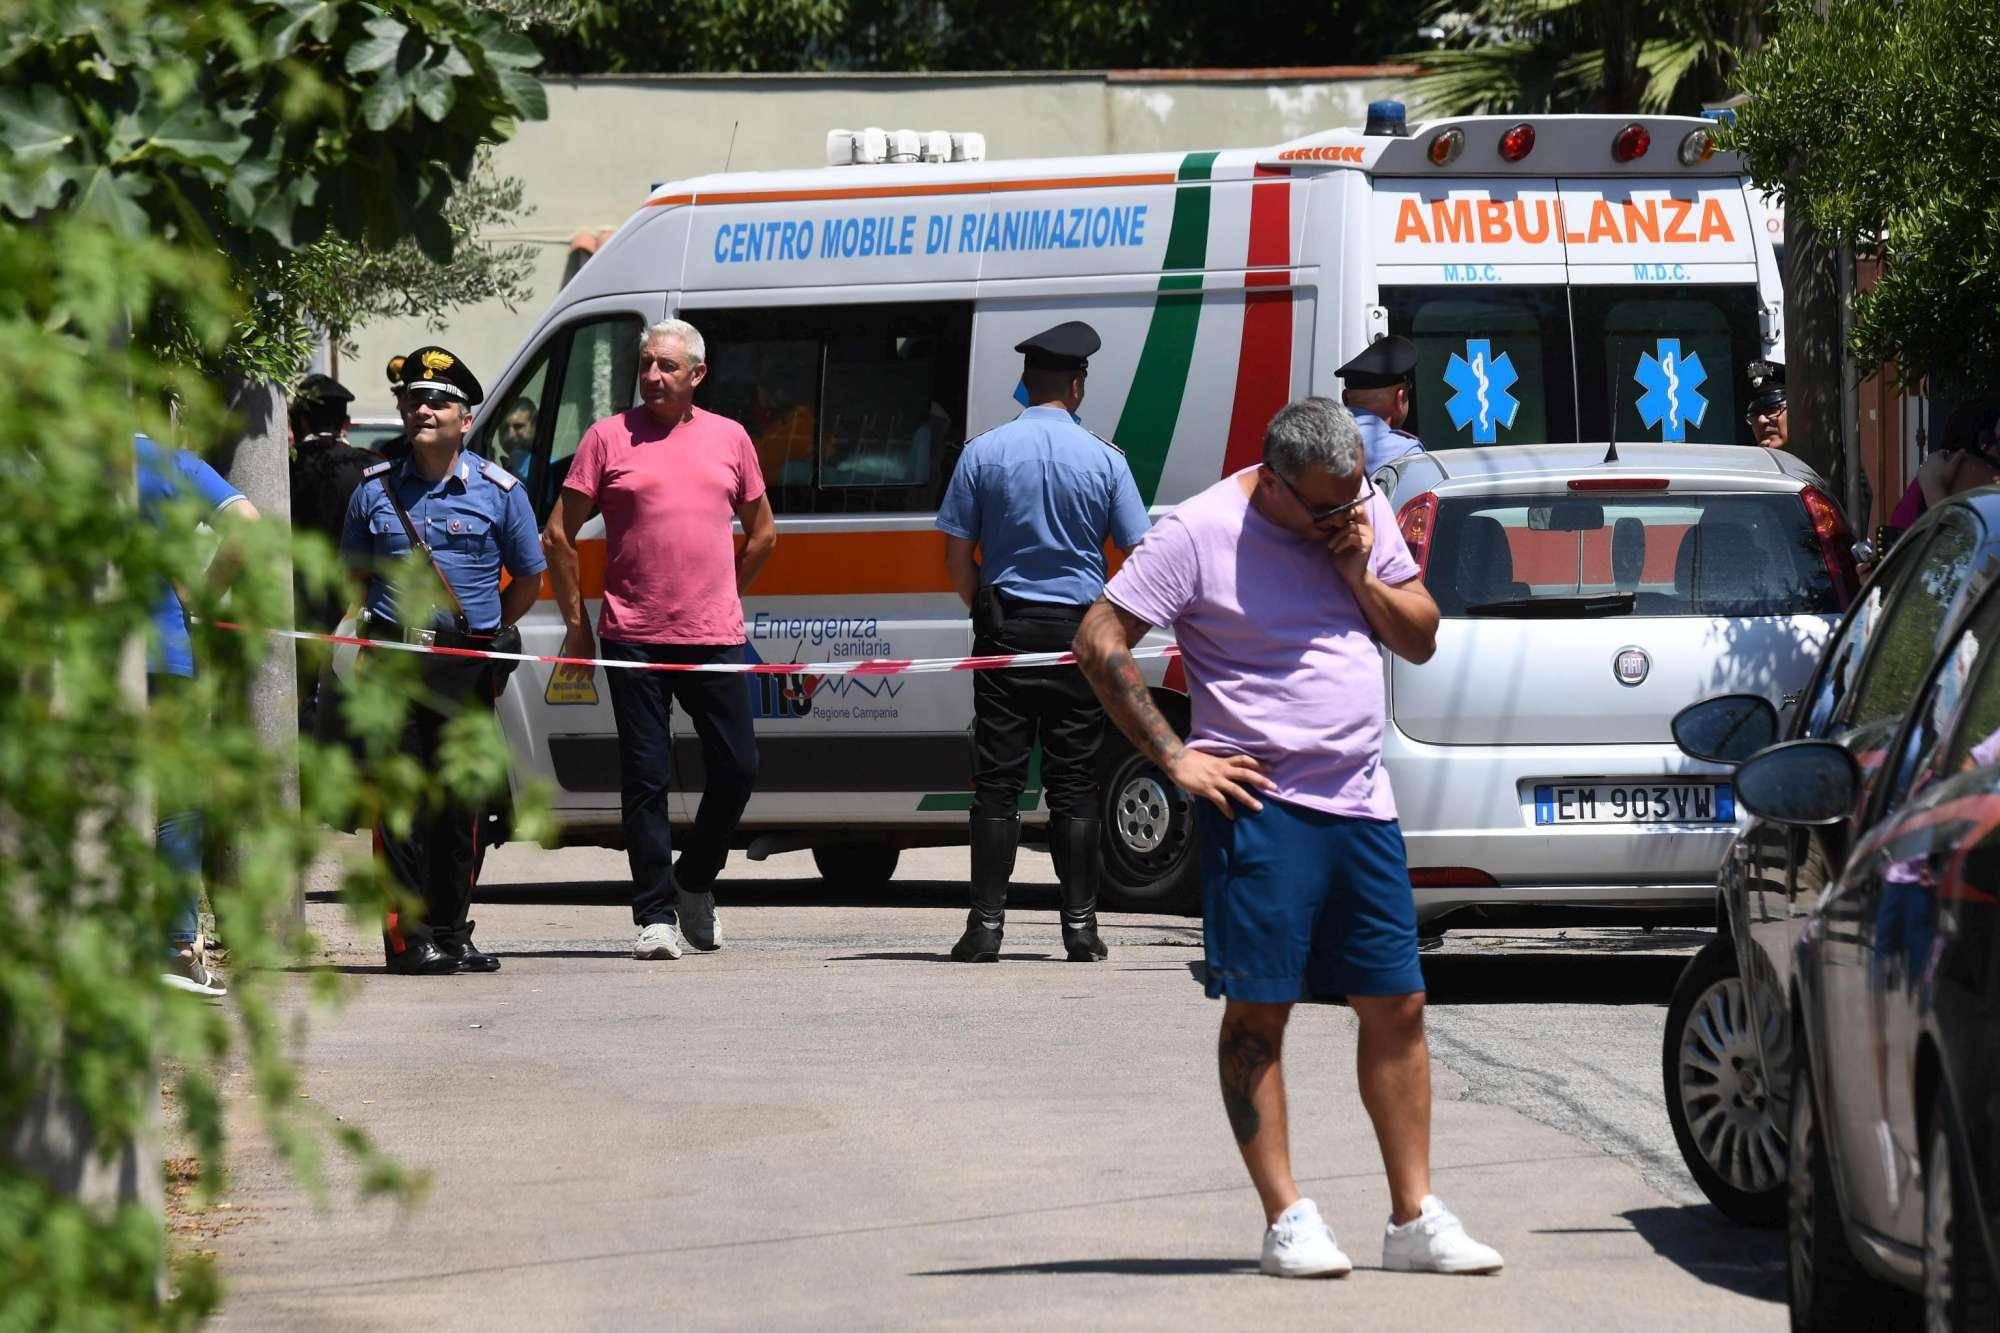 Napoli padre lancia la figlia dal balcone - Leggilo